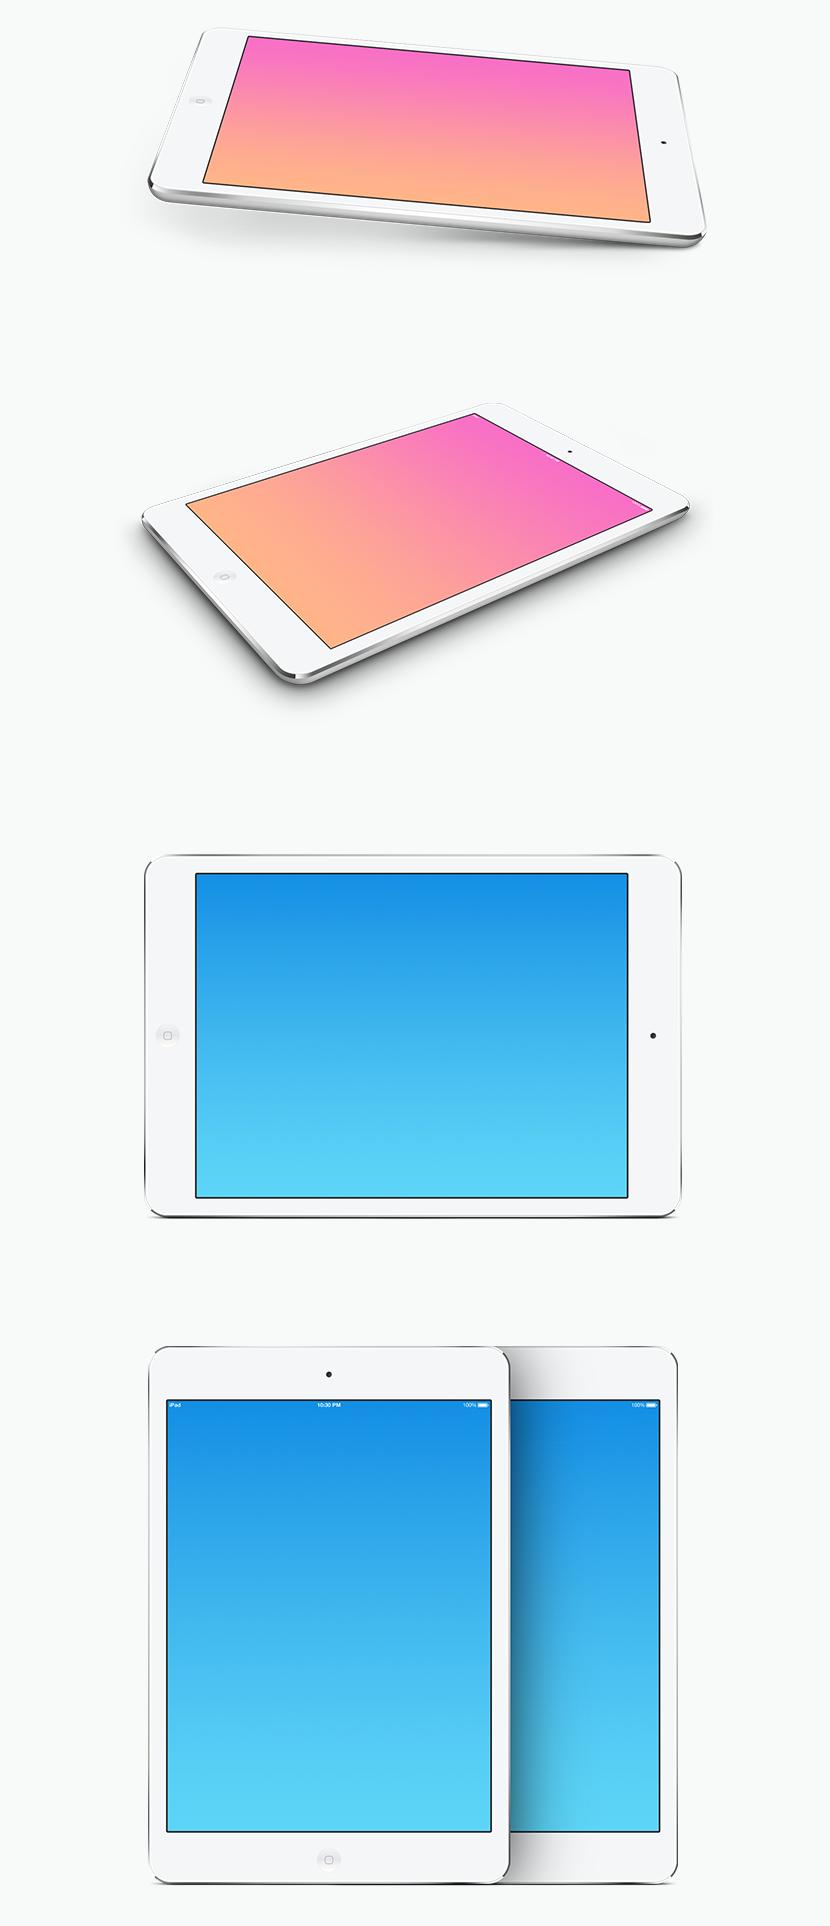 Free Ipad Mini Mockup Templates Fribly Ipad Mockup Free Mockup Templates Free Ipad